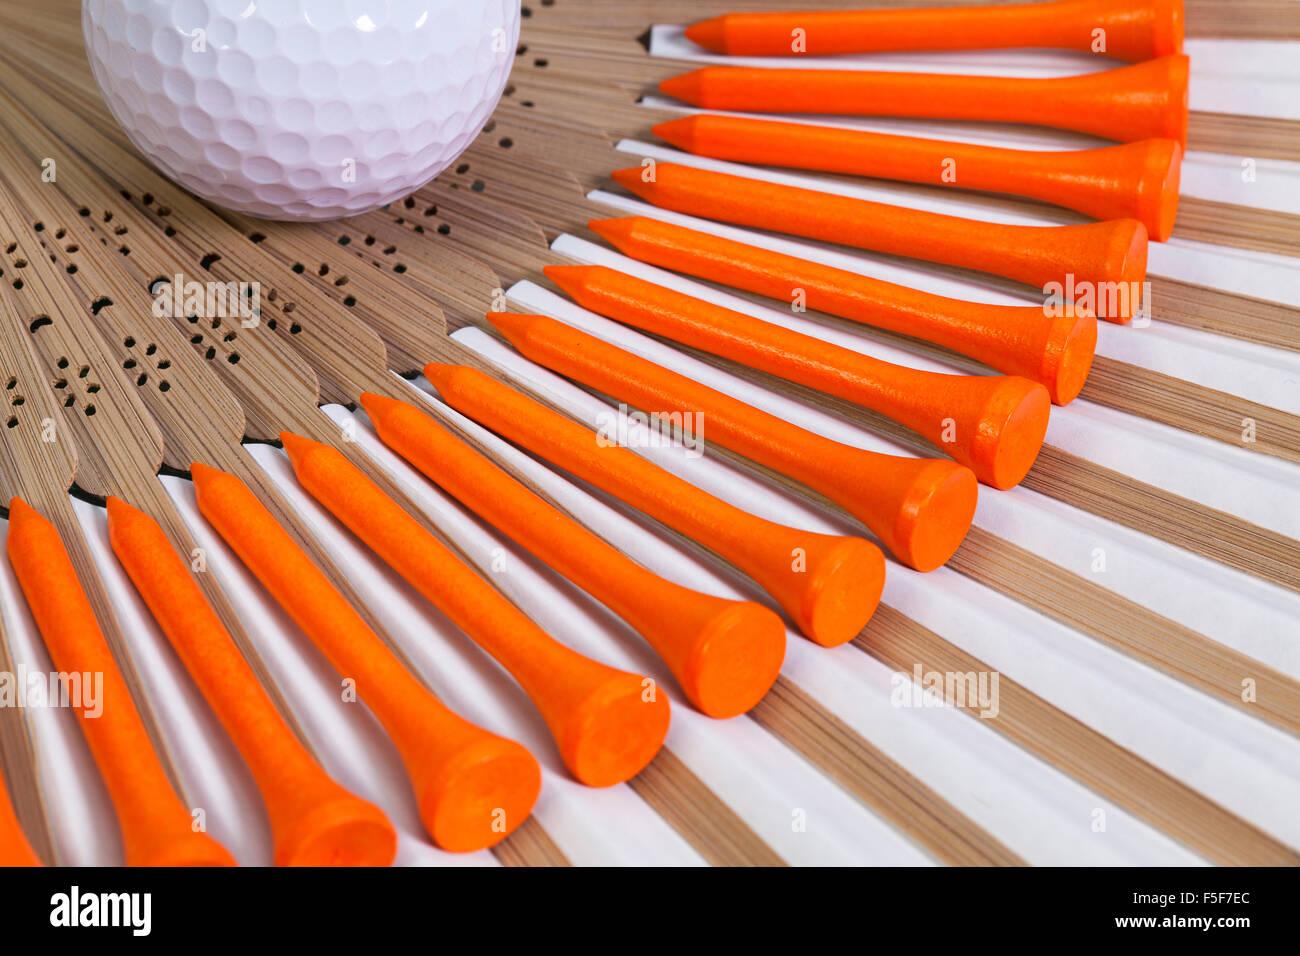 Ventilador de mano japonesa típica hecha de bambú y equipos de golf Imagen De Stock